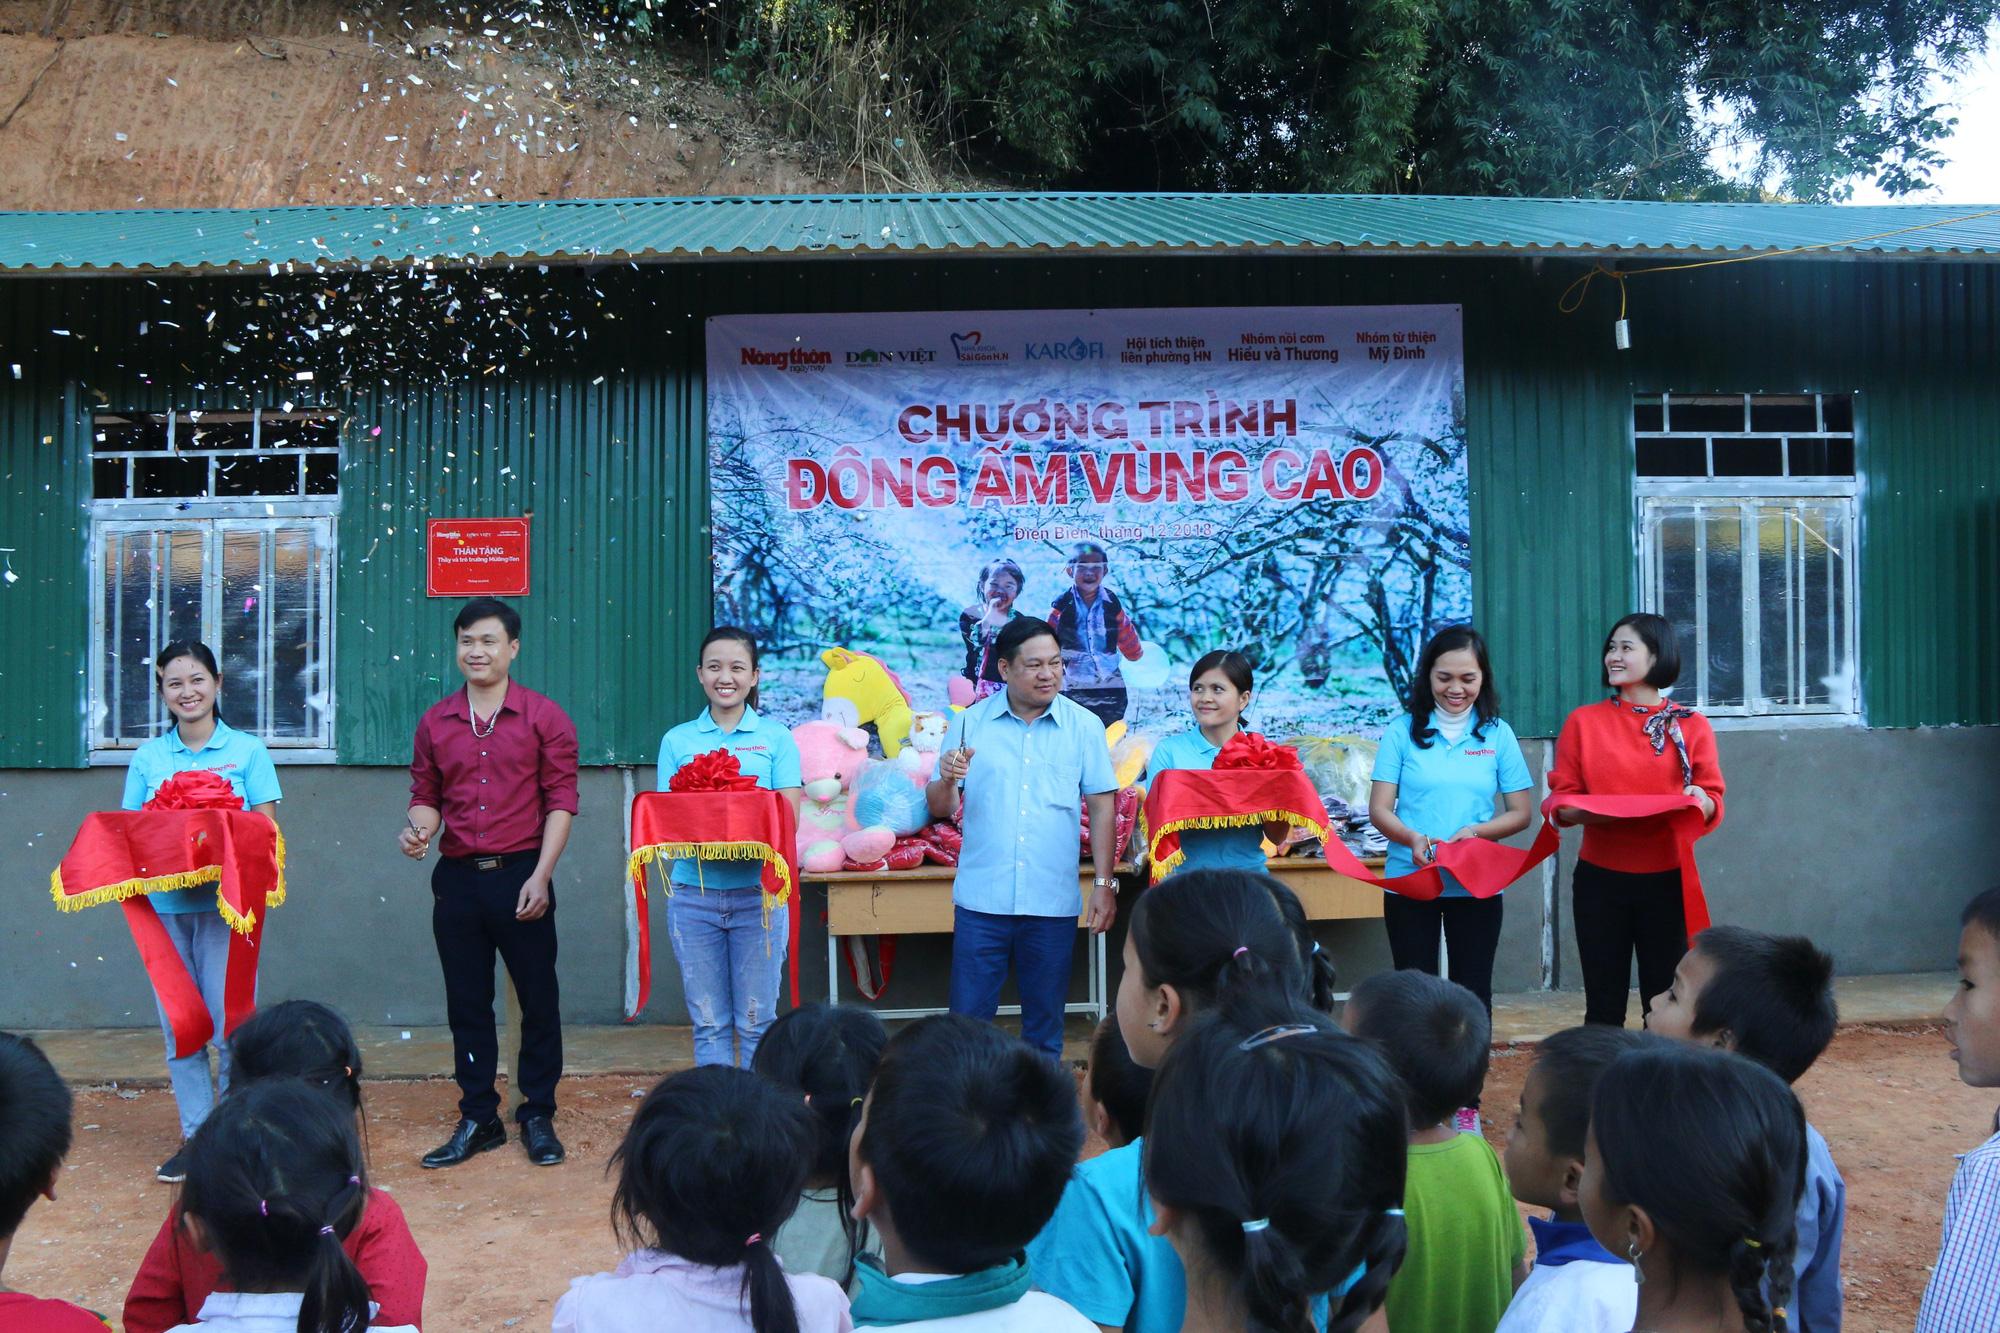 Cắt băng khánh thành điểm trường bản Mường Ten thuộc Trường PTDTBT TH Pú Hồng với 2 lớp học và nhà vệ sinh tặng cho thầy và trò nơi đây.